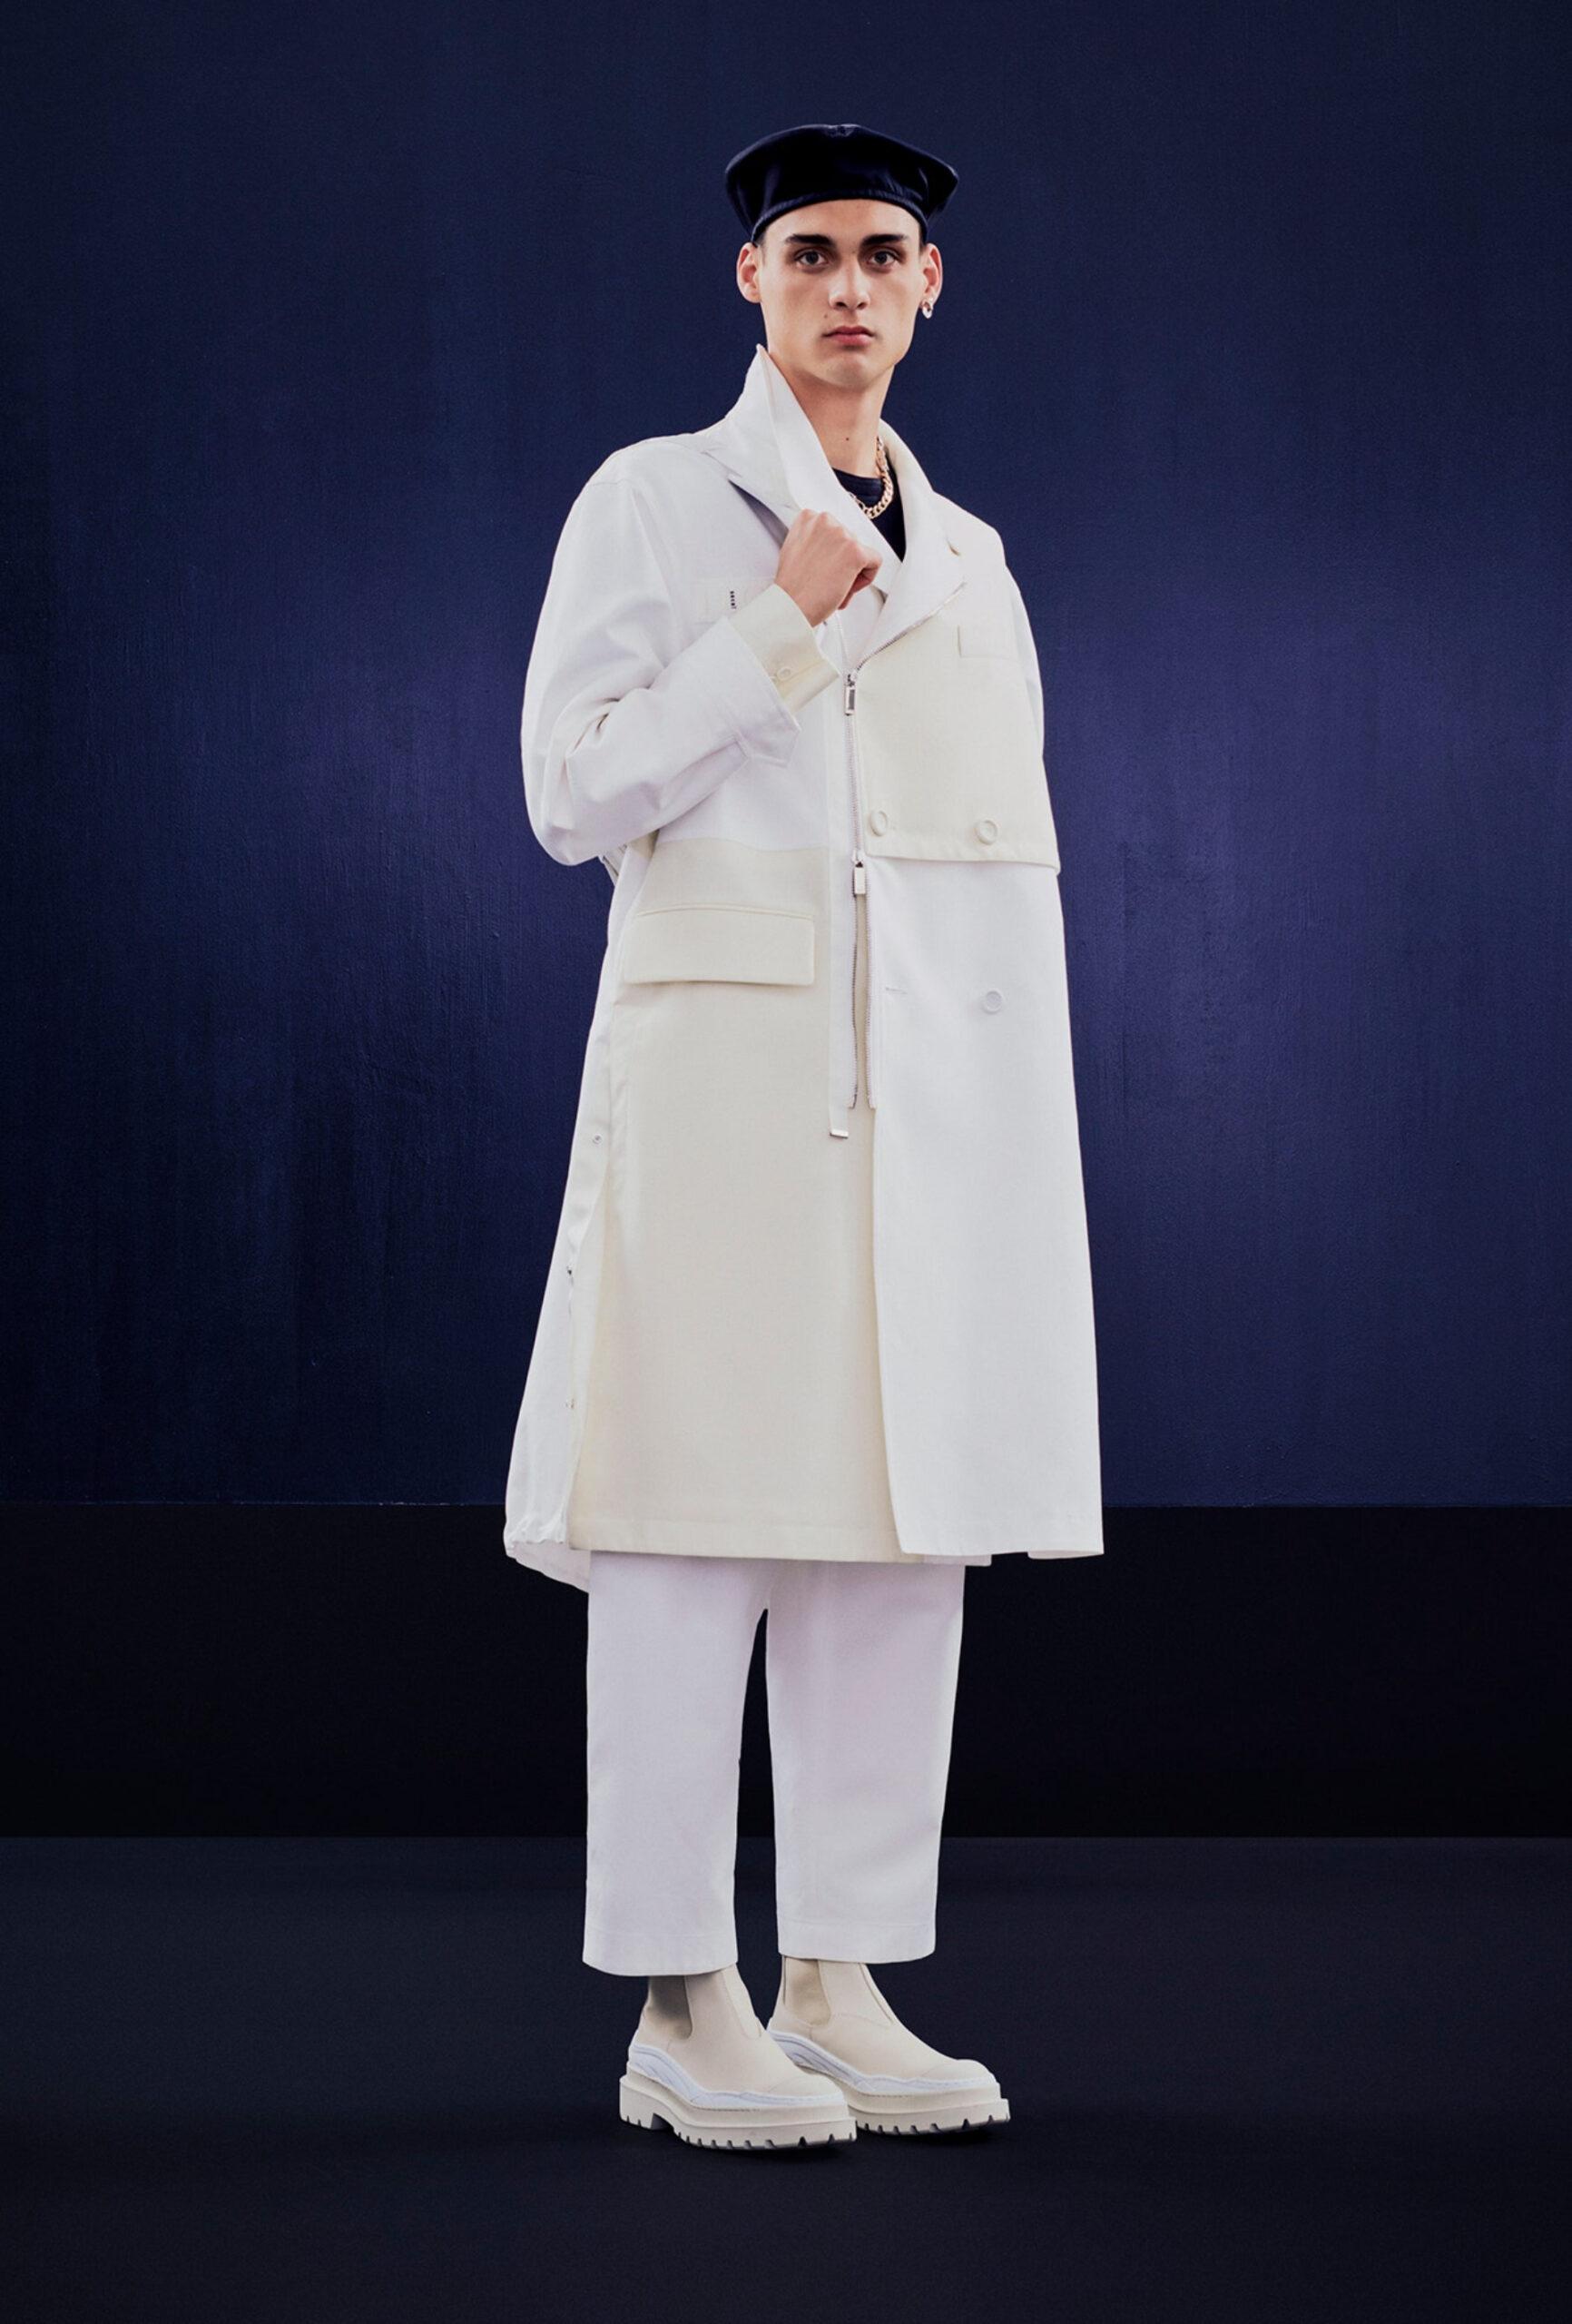 Dior dio a conocer la nueva cápsula con Sacai